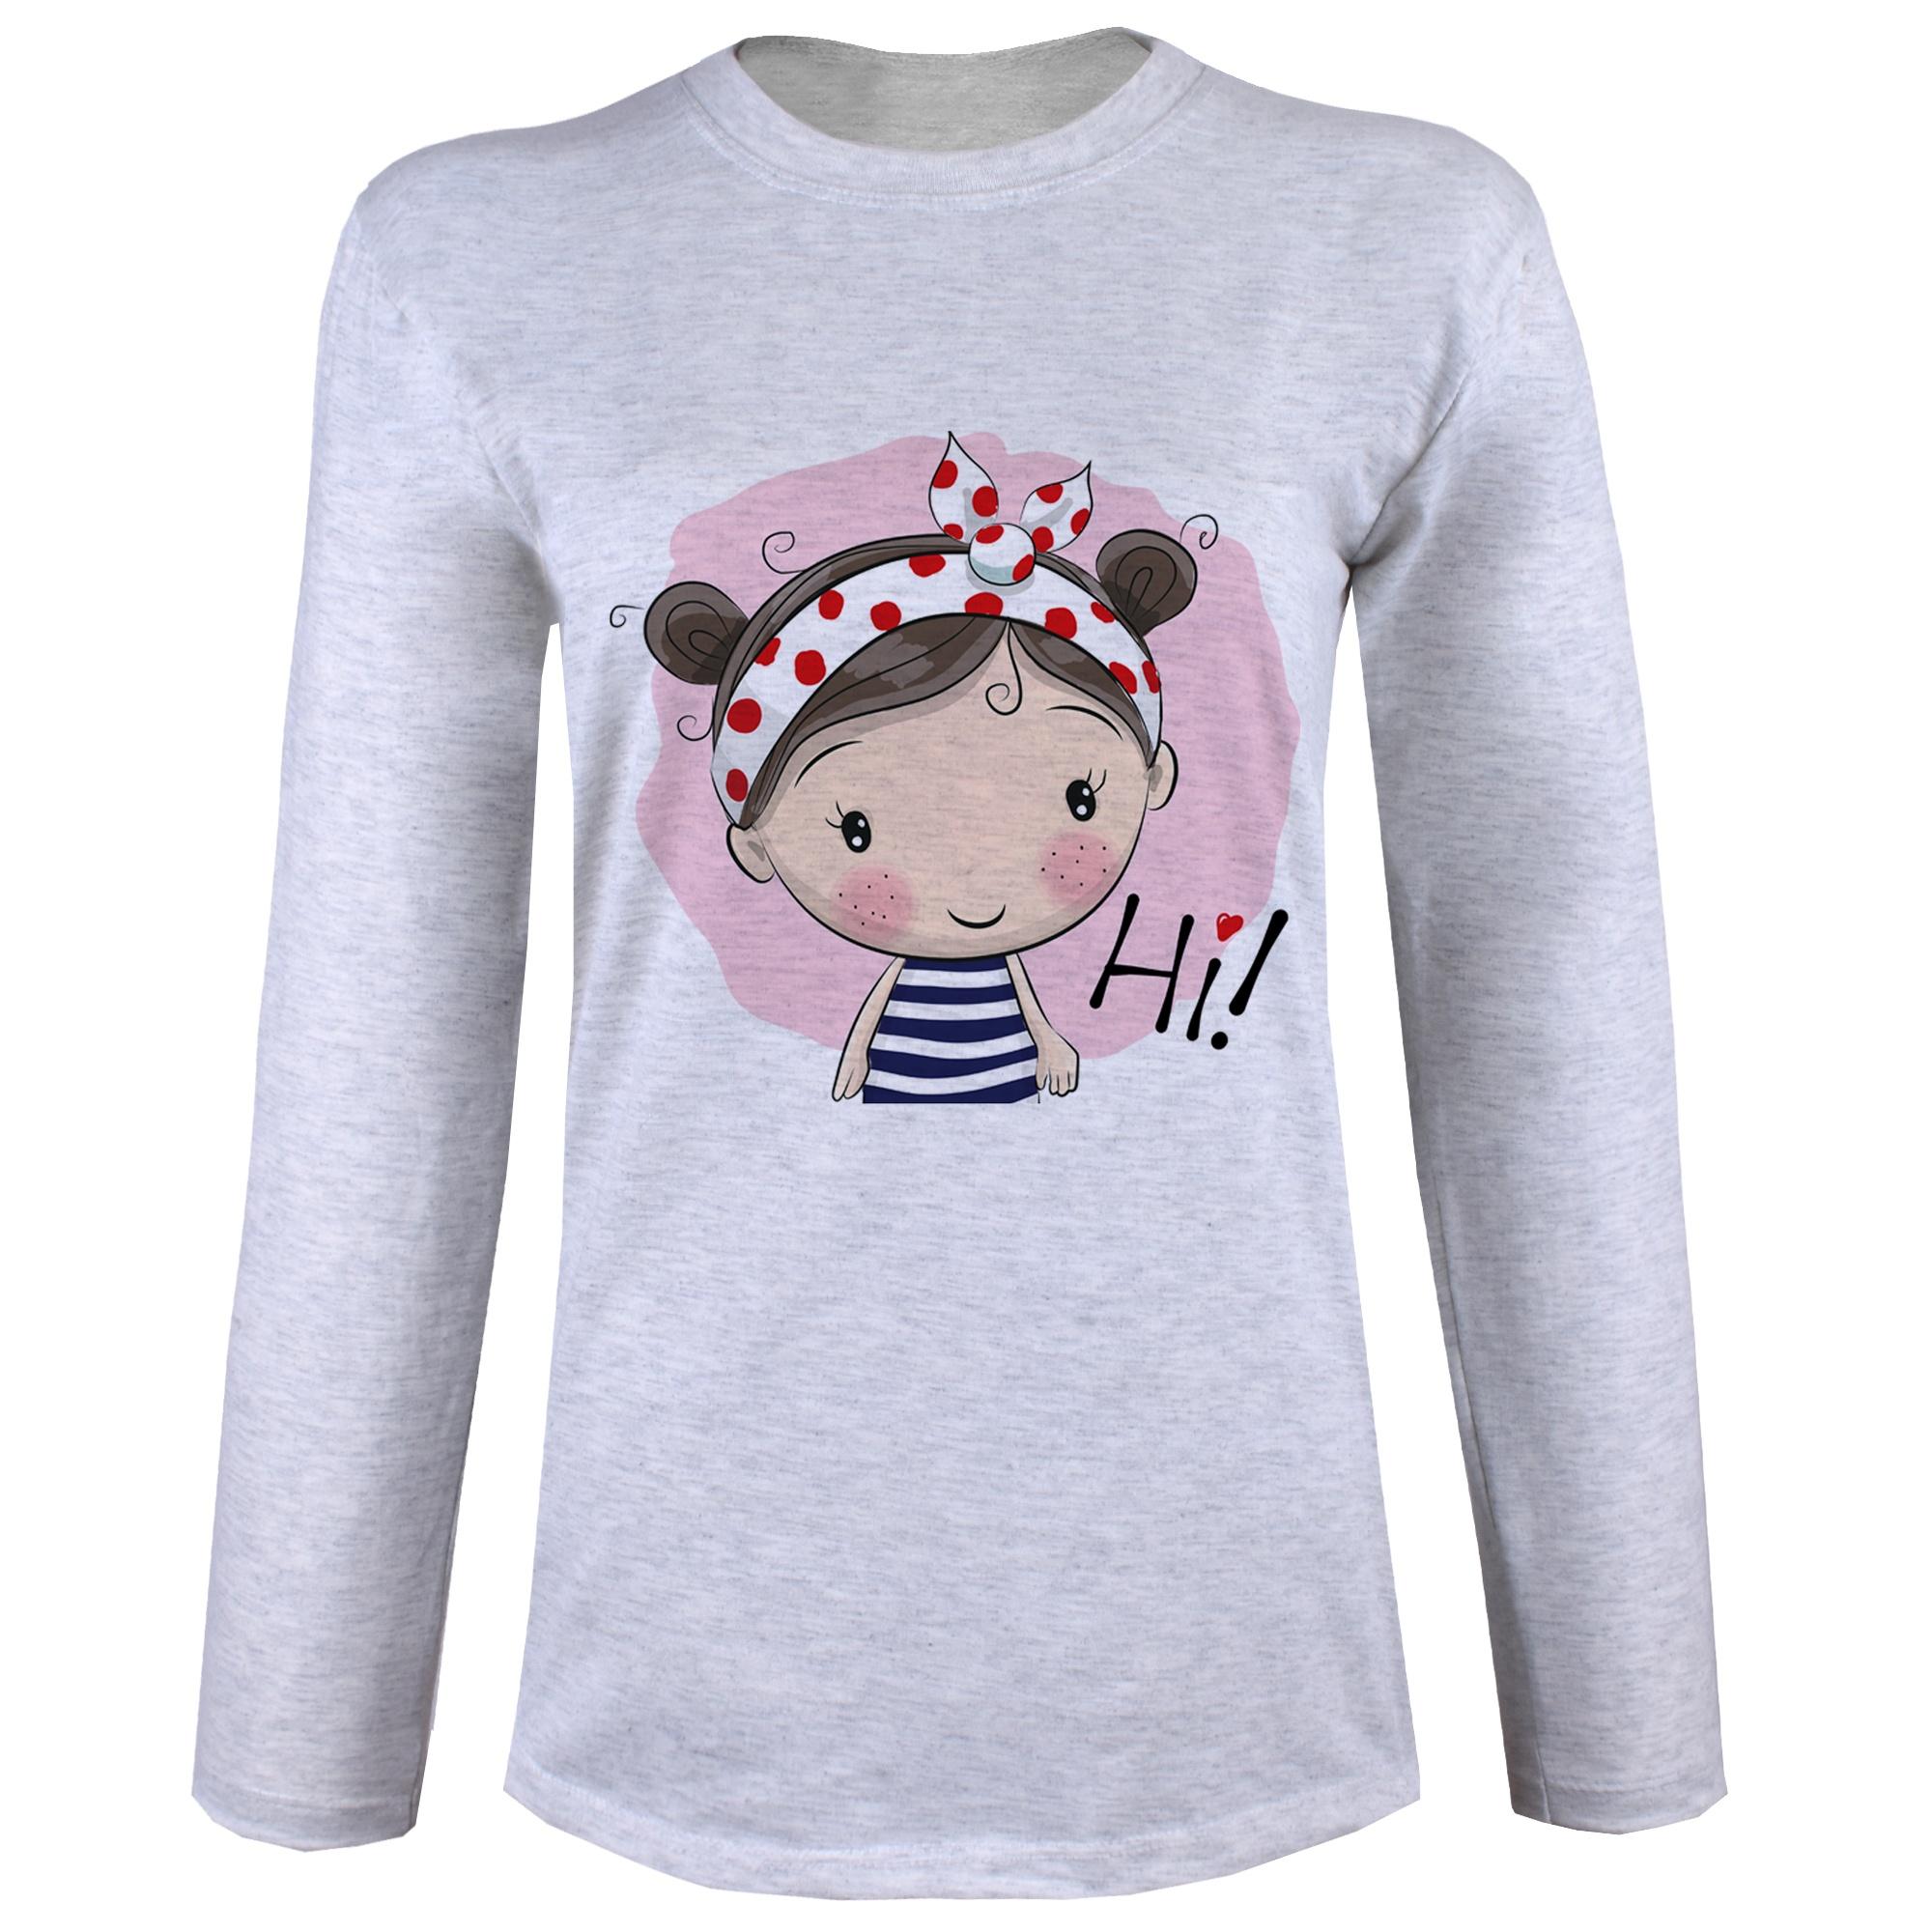 تی شرت  آستین بلند زنانه  طرح دخترک و کفشدوزک کد B60